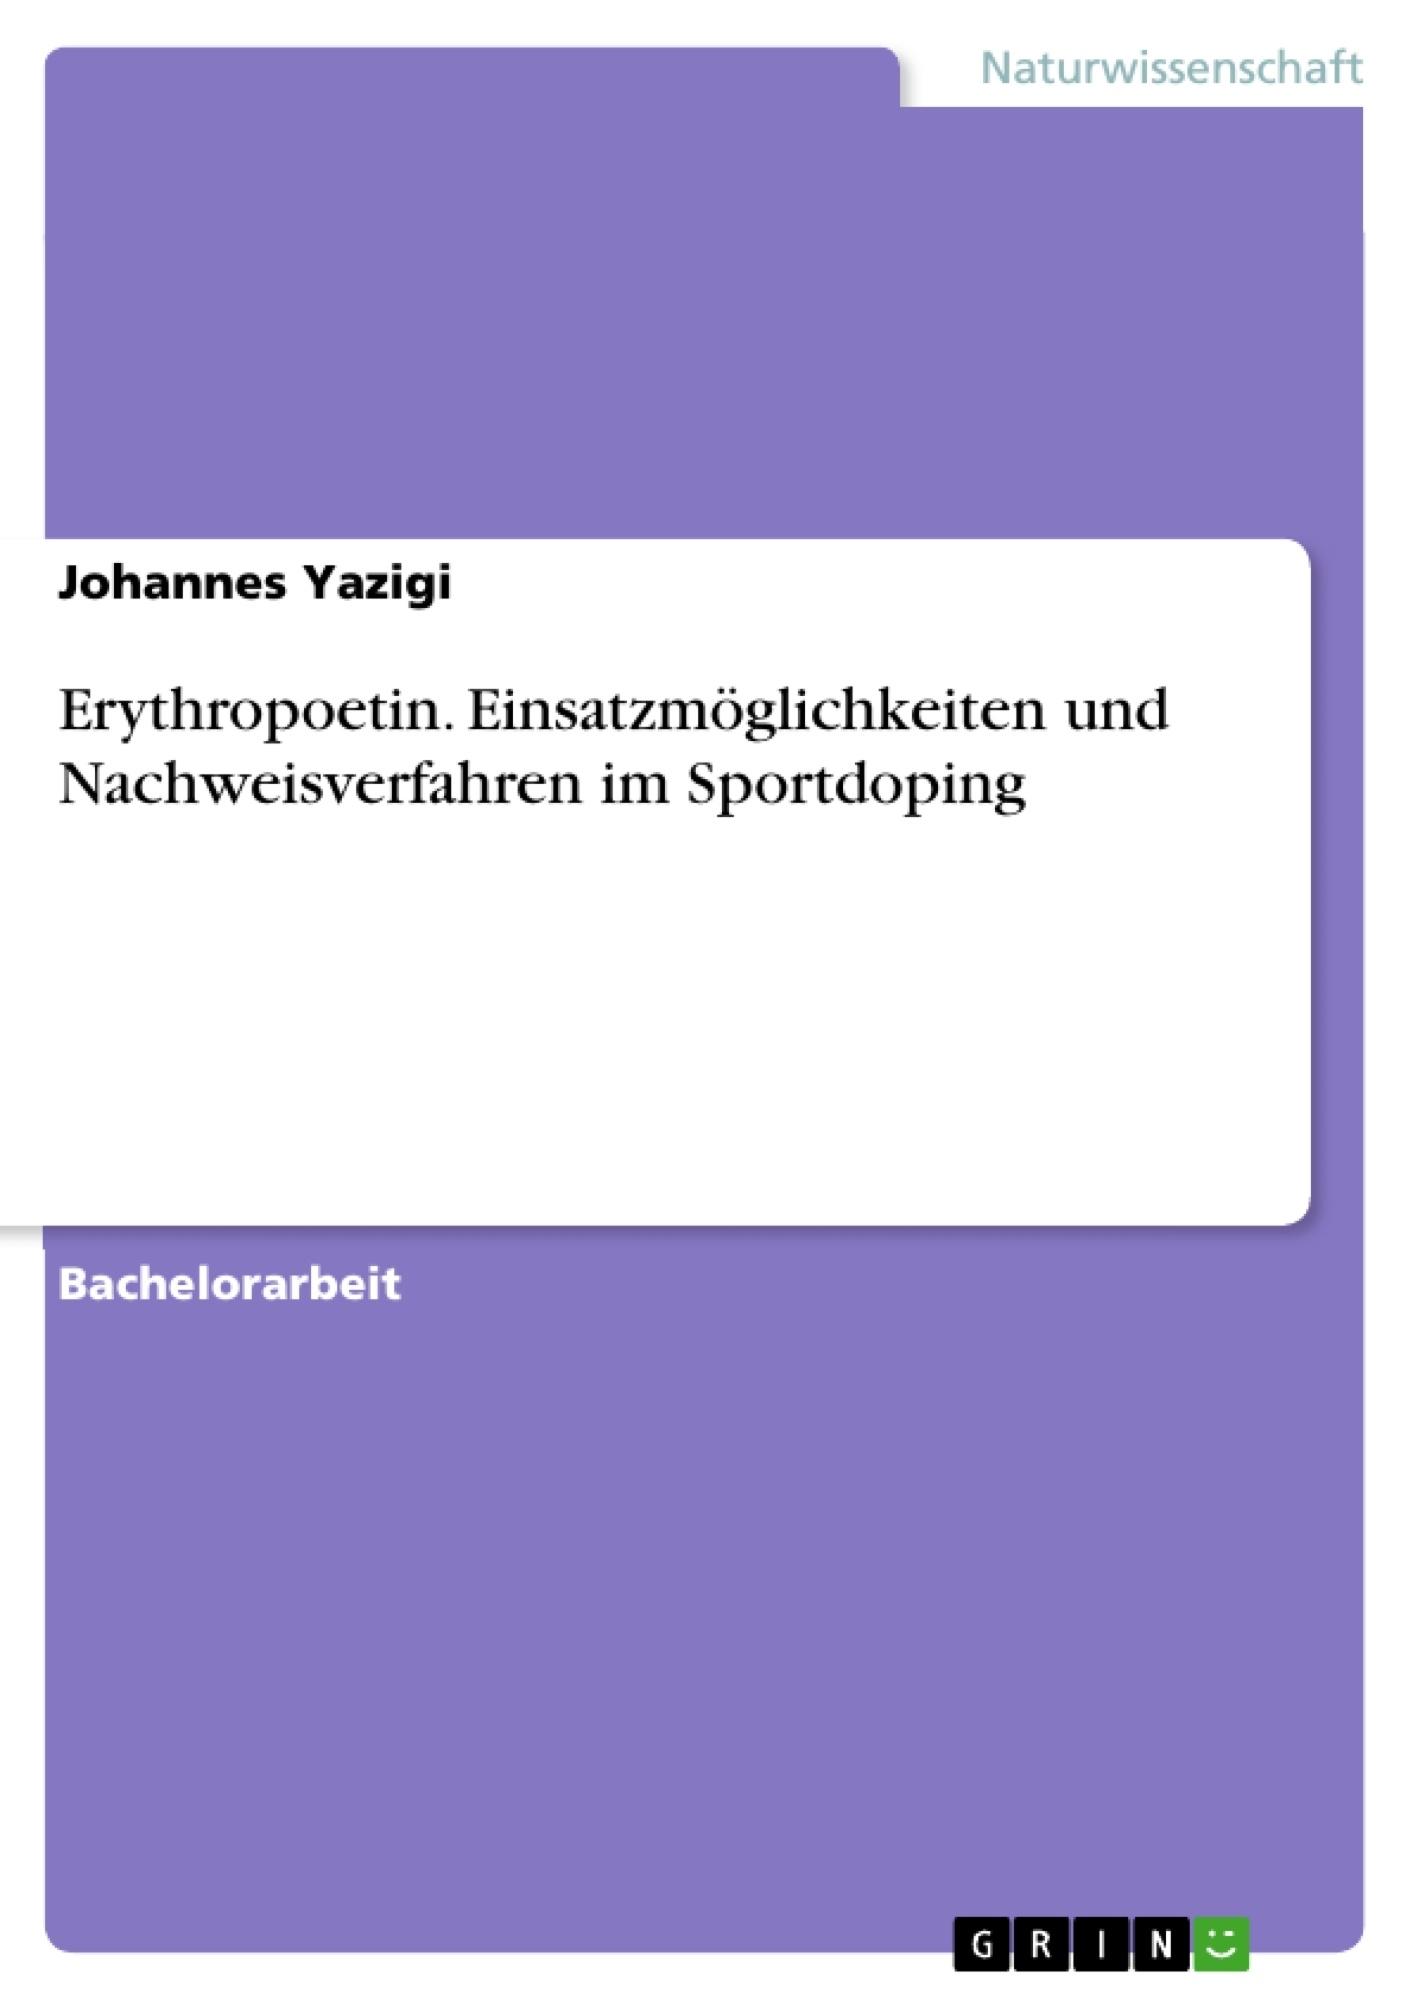 Titel: Erythropoetin. Einsatzmöglichkeiten und Nachweisverfahren im Sportdoping